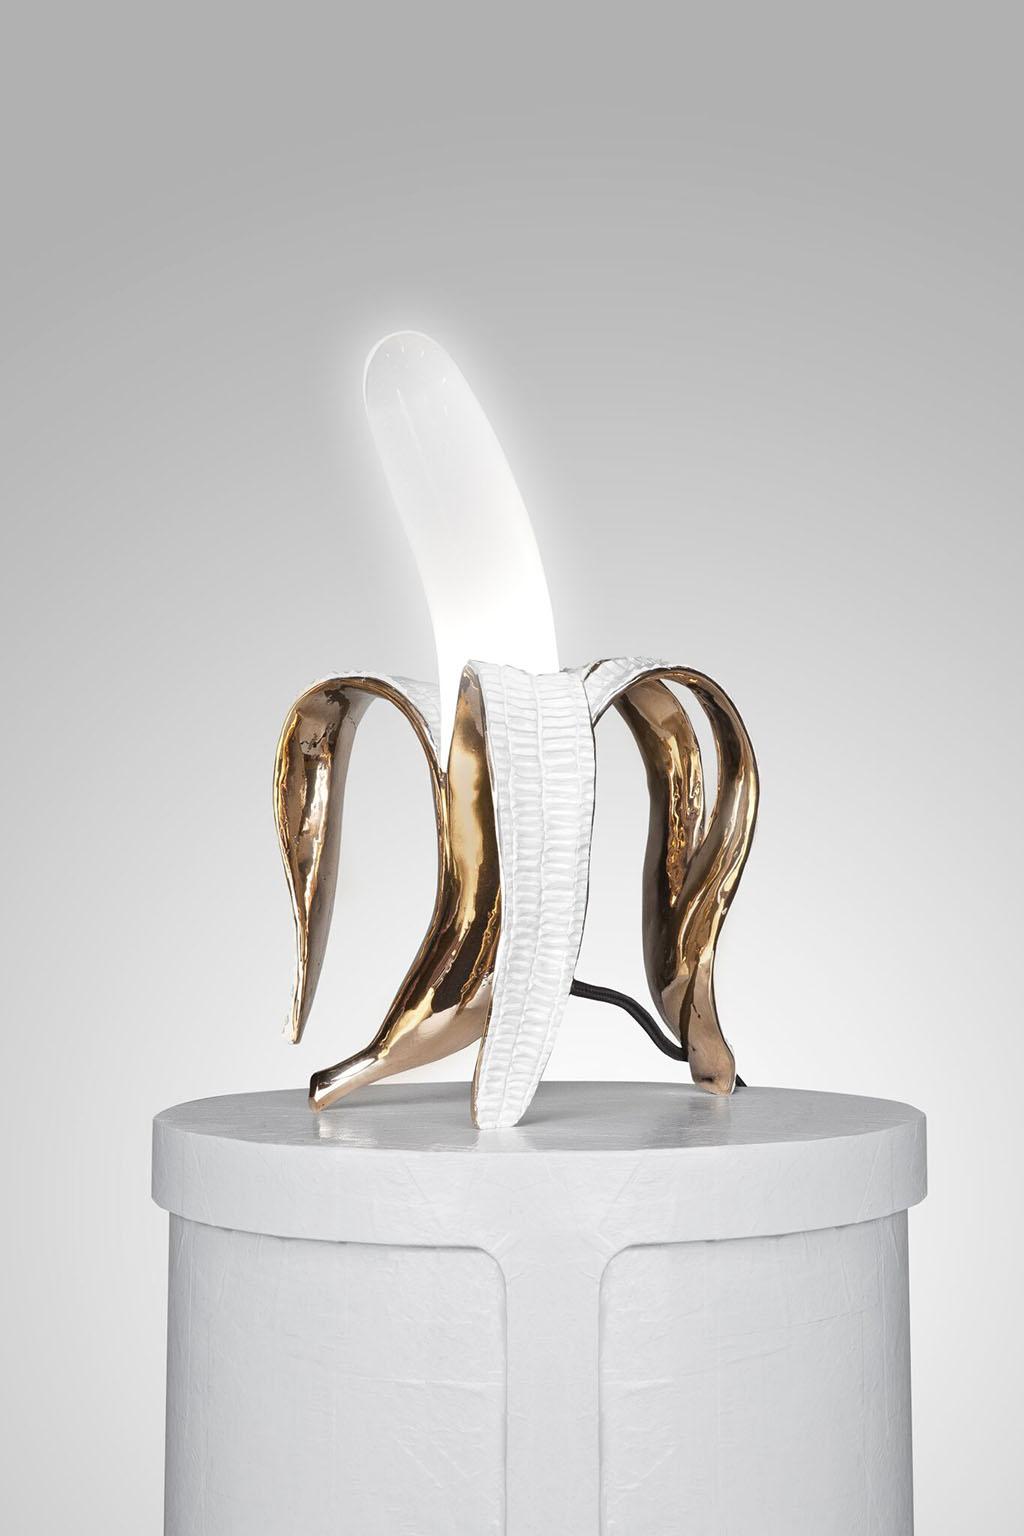 Banana Lamp by Studio Job 2015 Carpenters Workshop Gallery